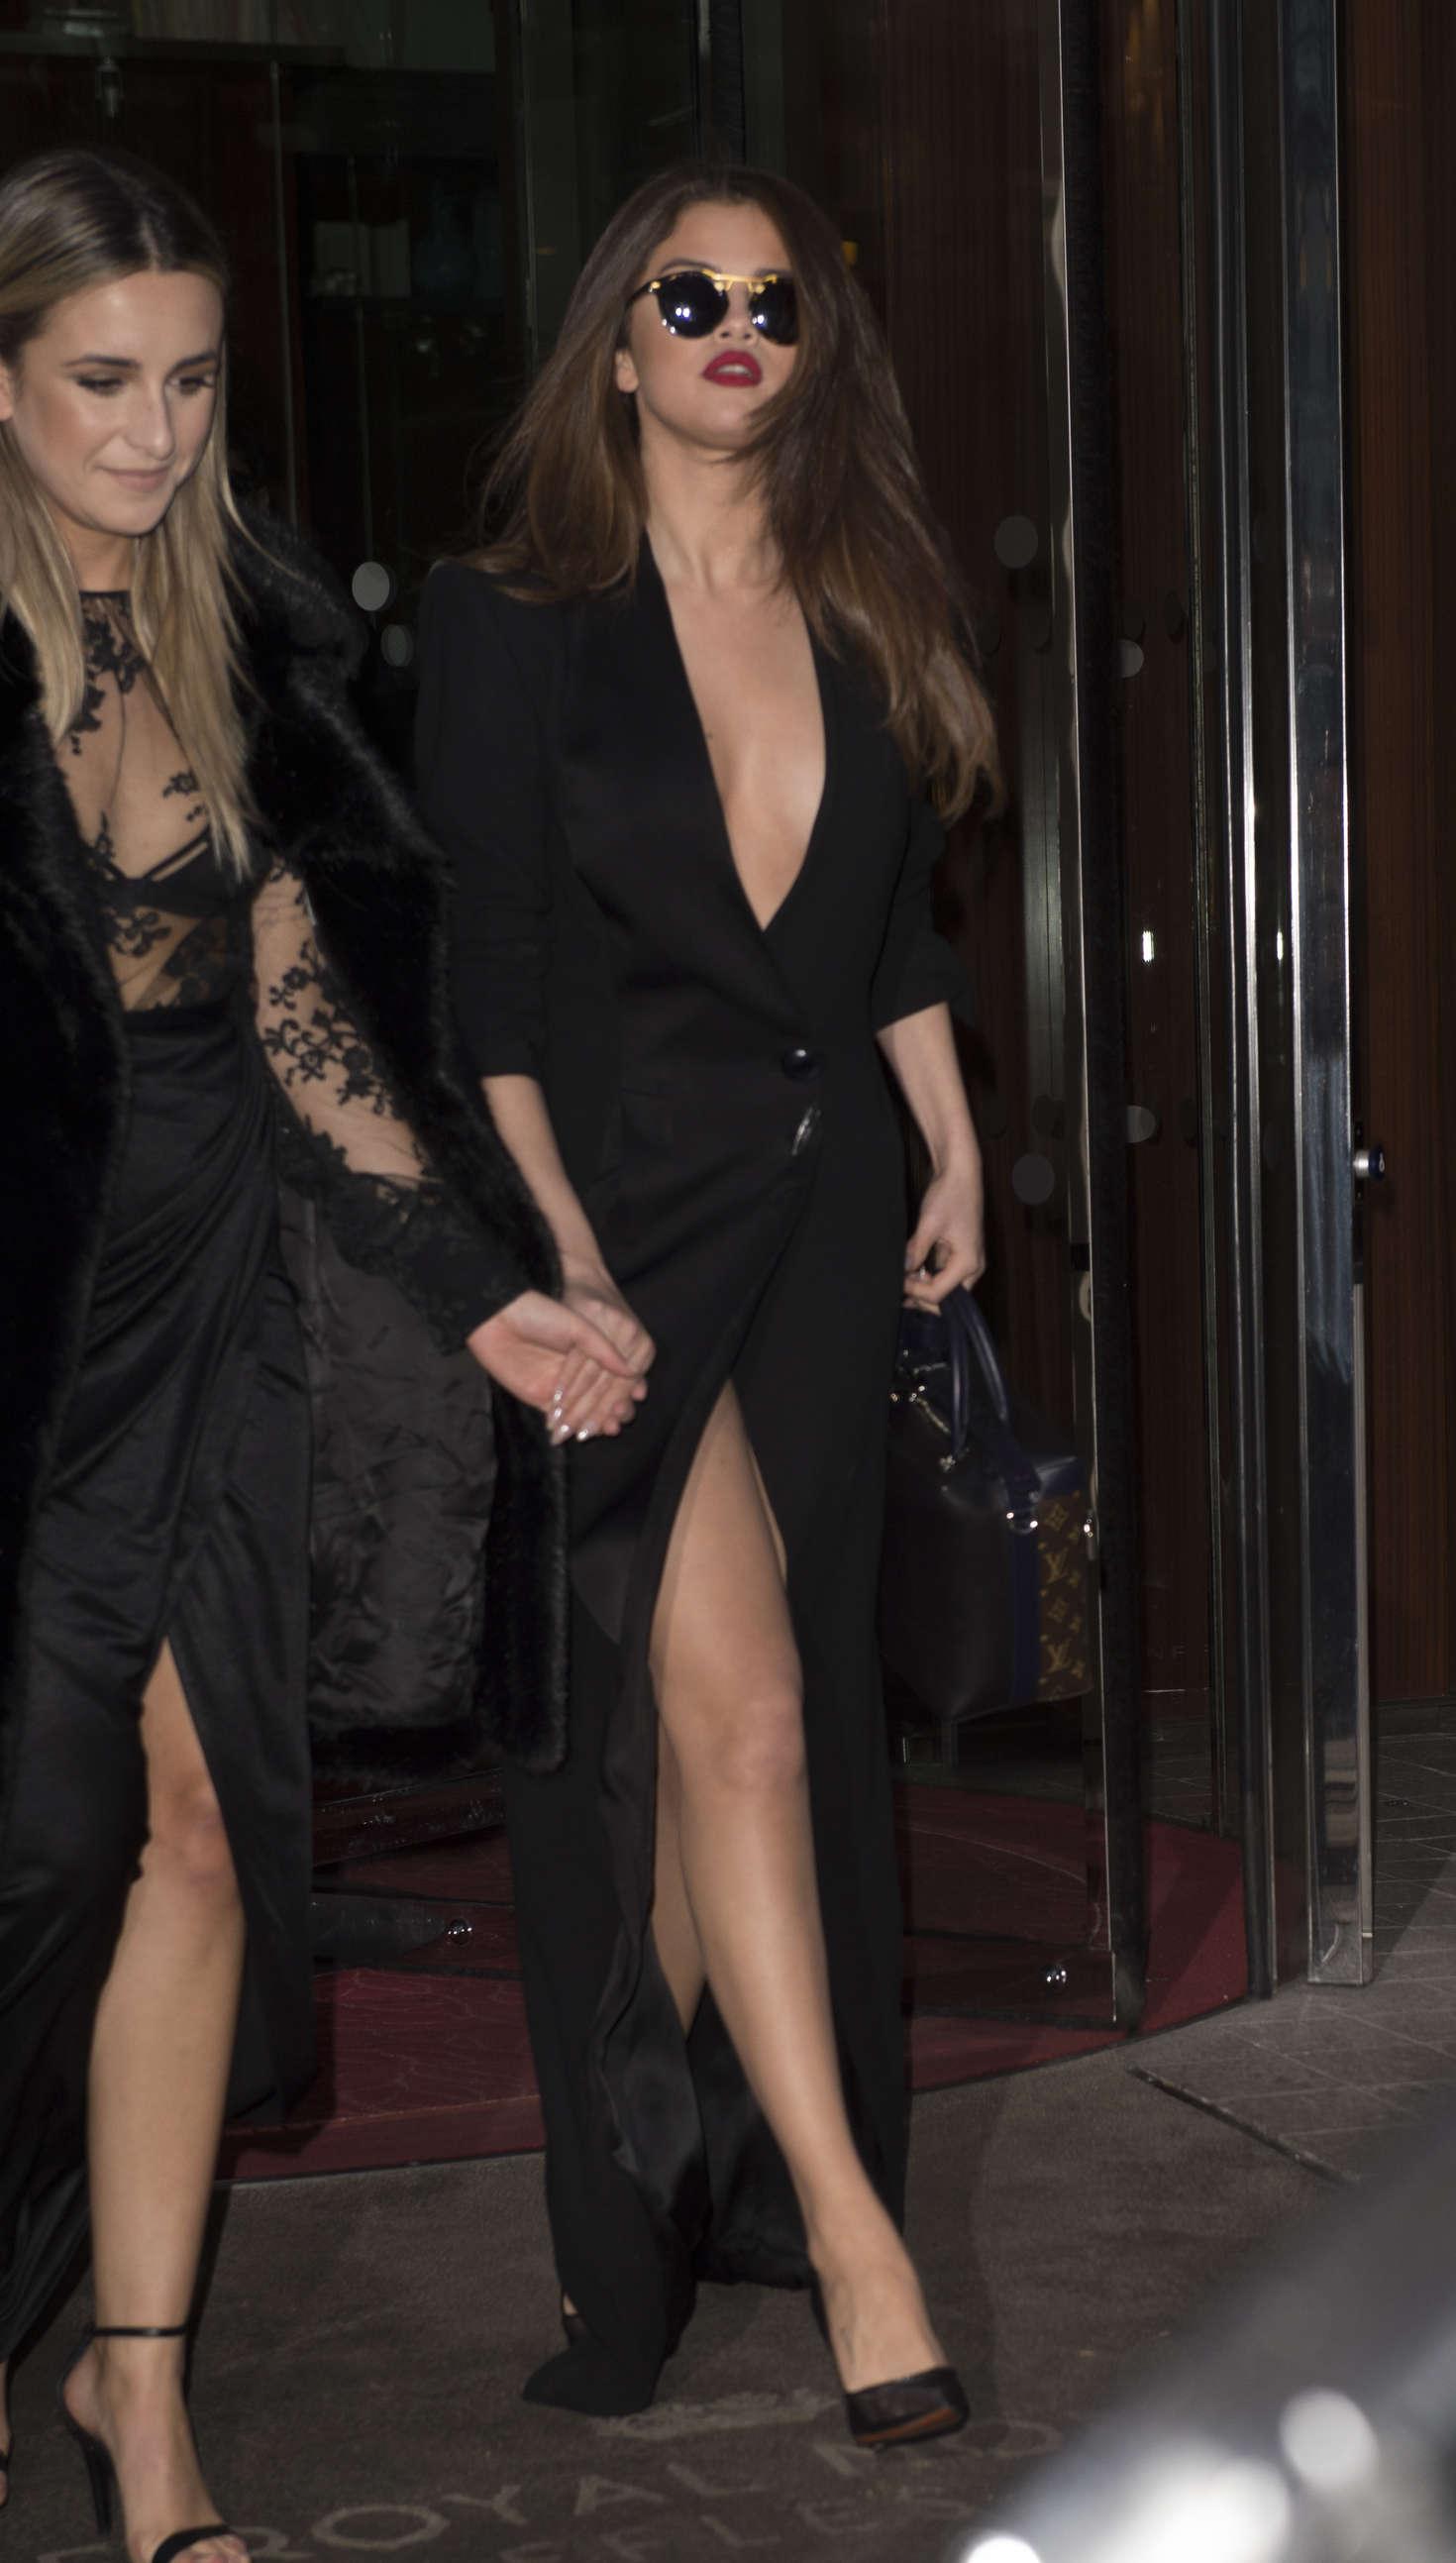 Selena Gomez In Black Dress -27  Gotceleb-2359